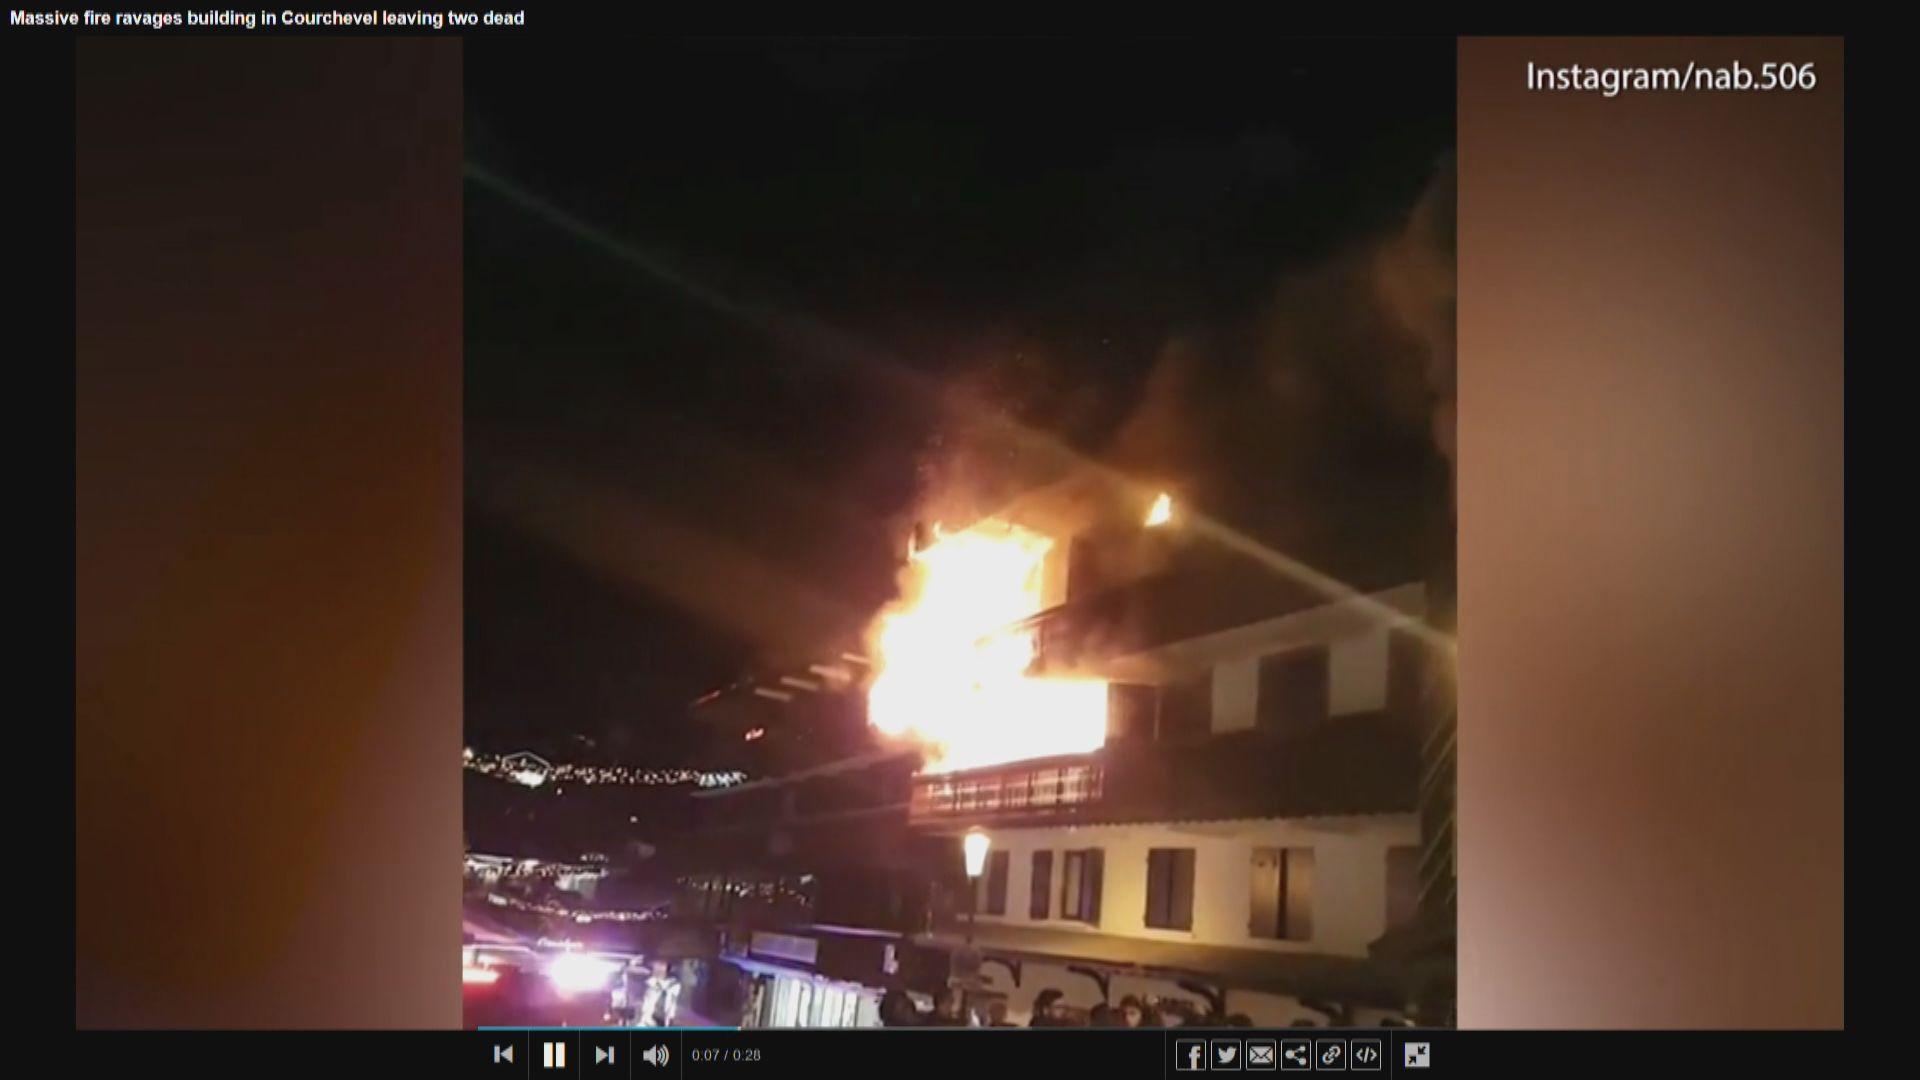 法國滑雪渡假村火警至少兩人死亡